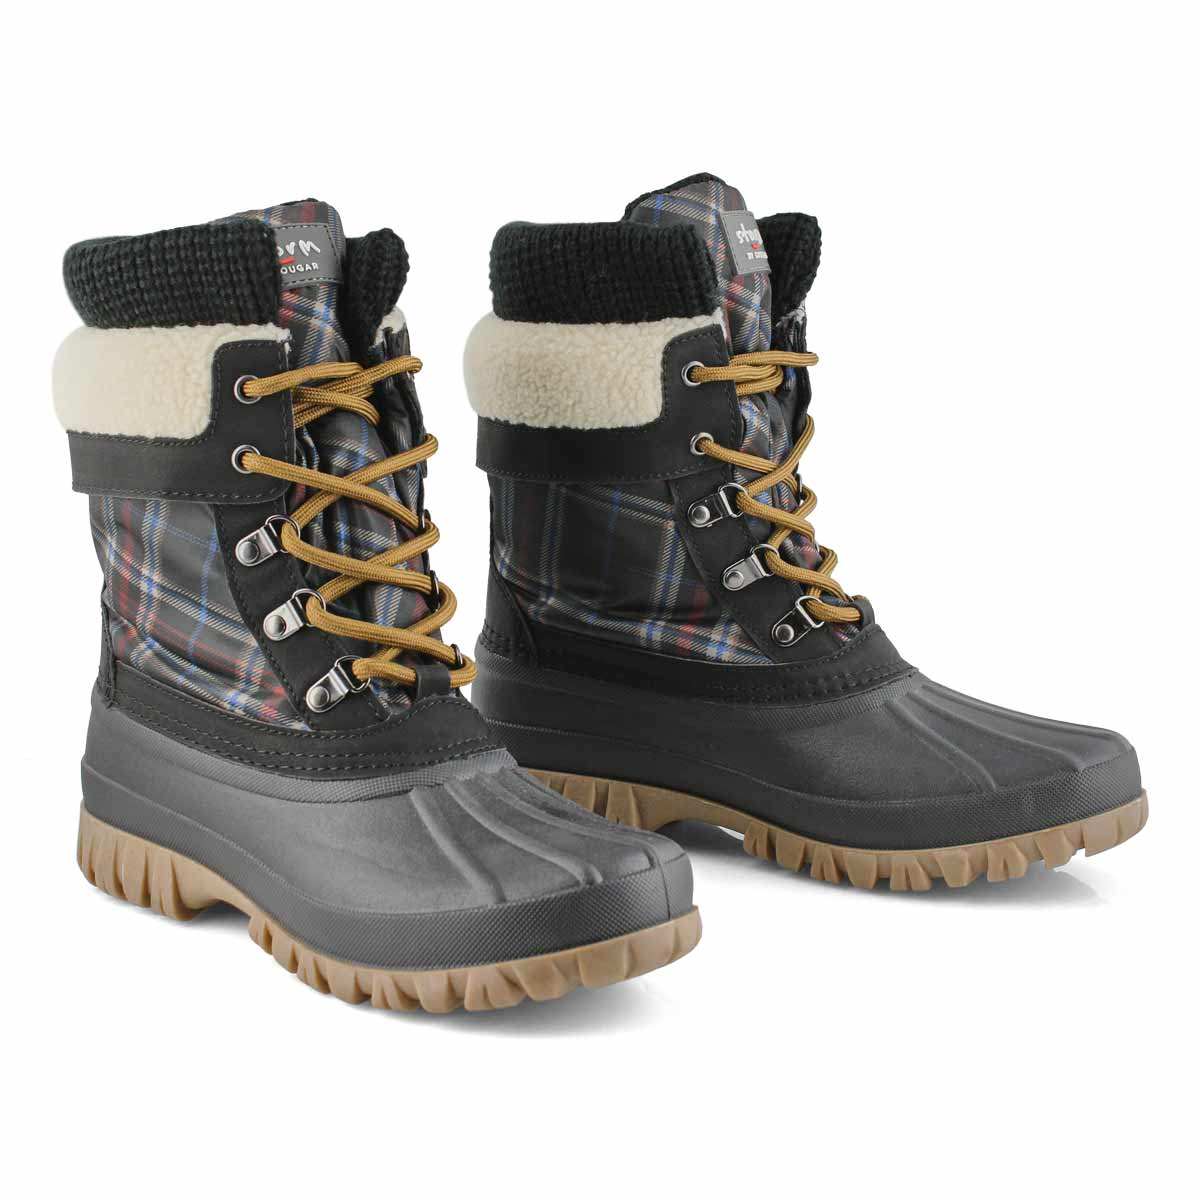 Women's CREEK black plaid waterproof winter boots